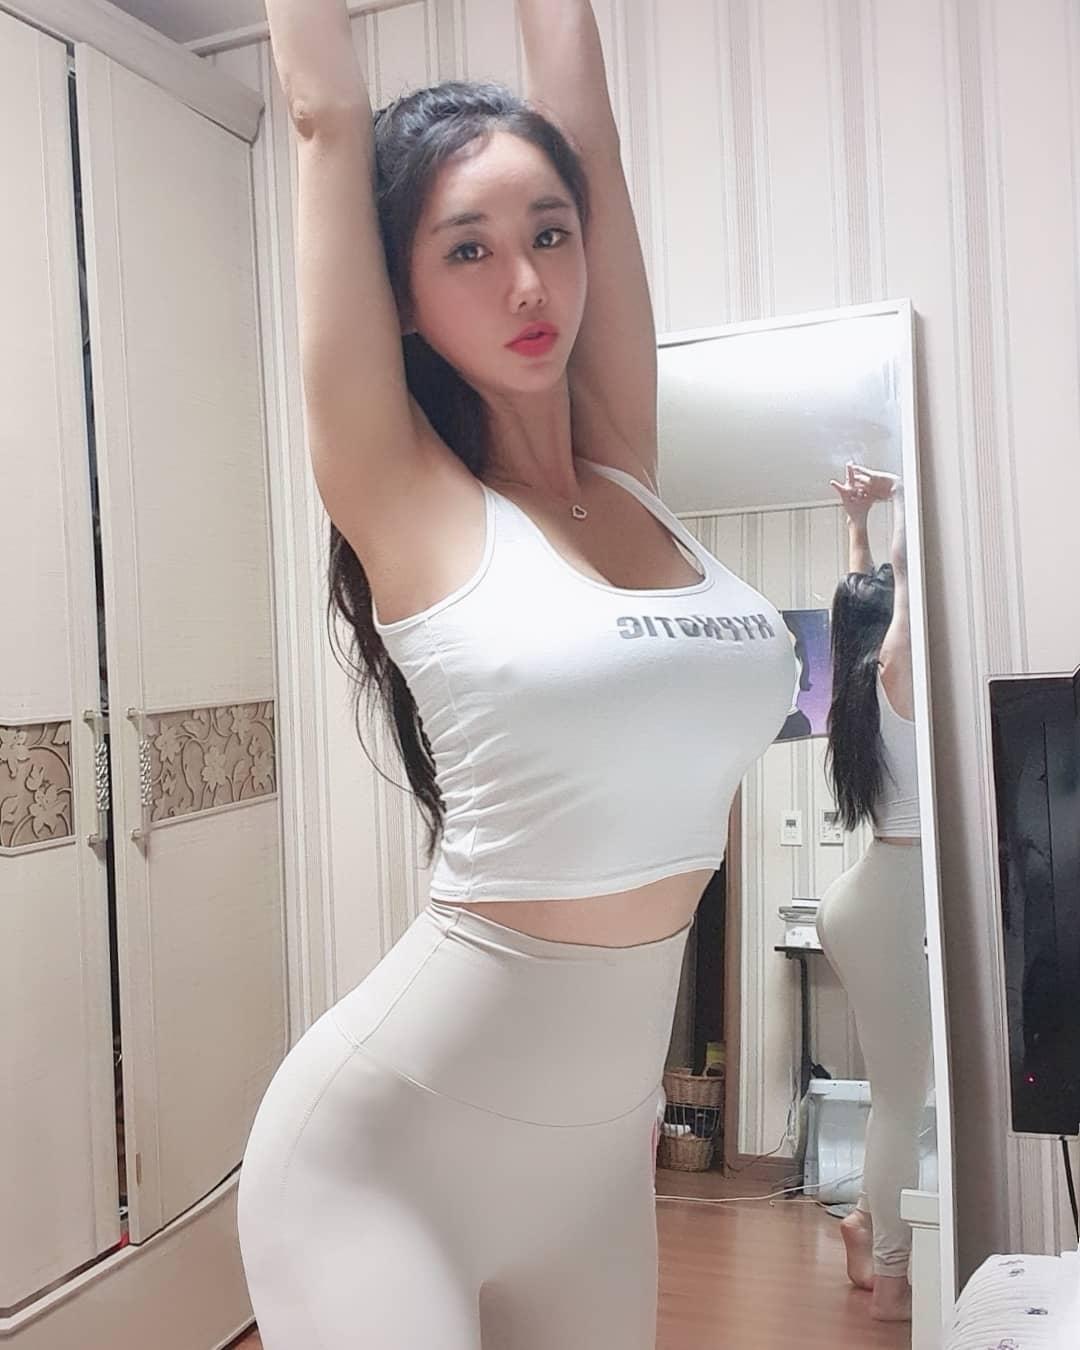 韩国美女模特Candyseul 这身材100分有没有